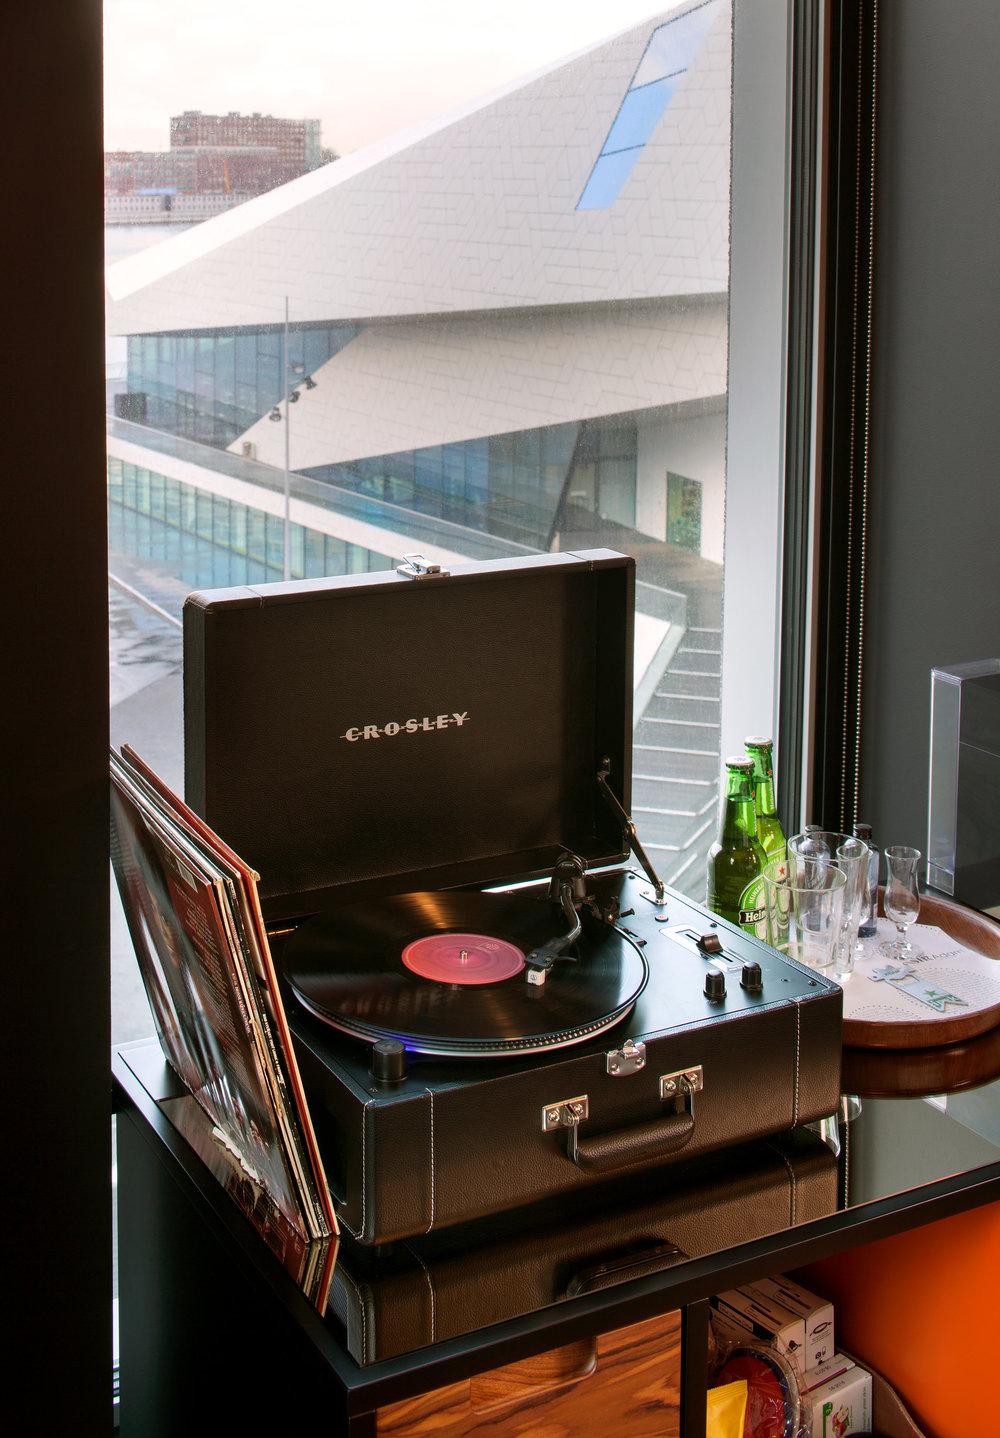 Sir-Adam-Room-interior-detail-image-credit--SIR-hotels.jpg